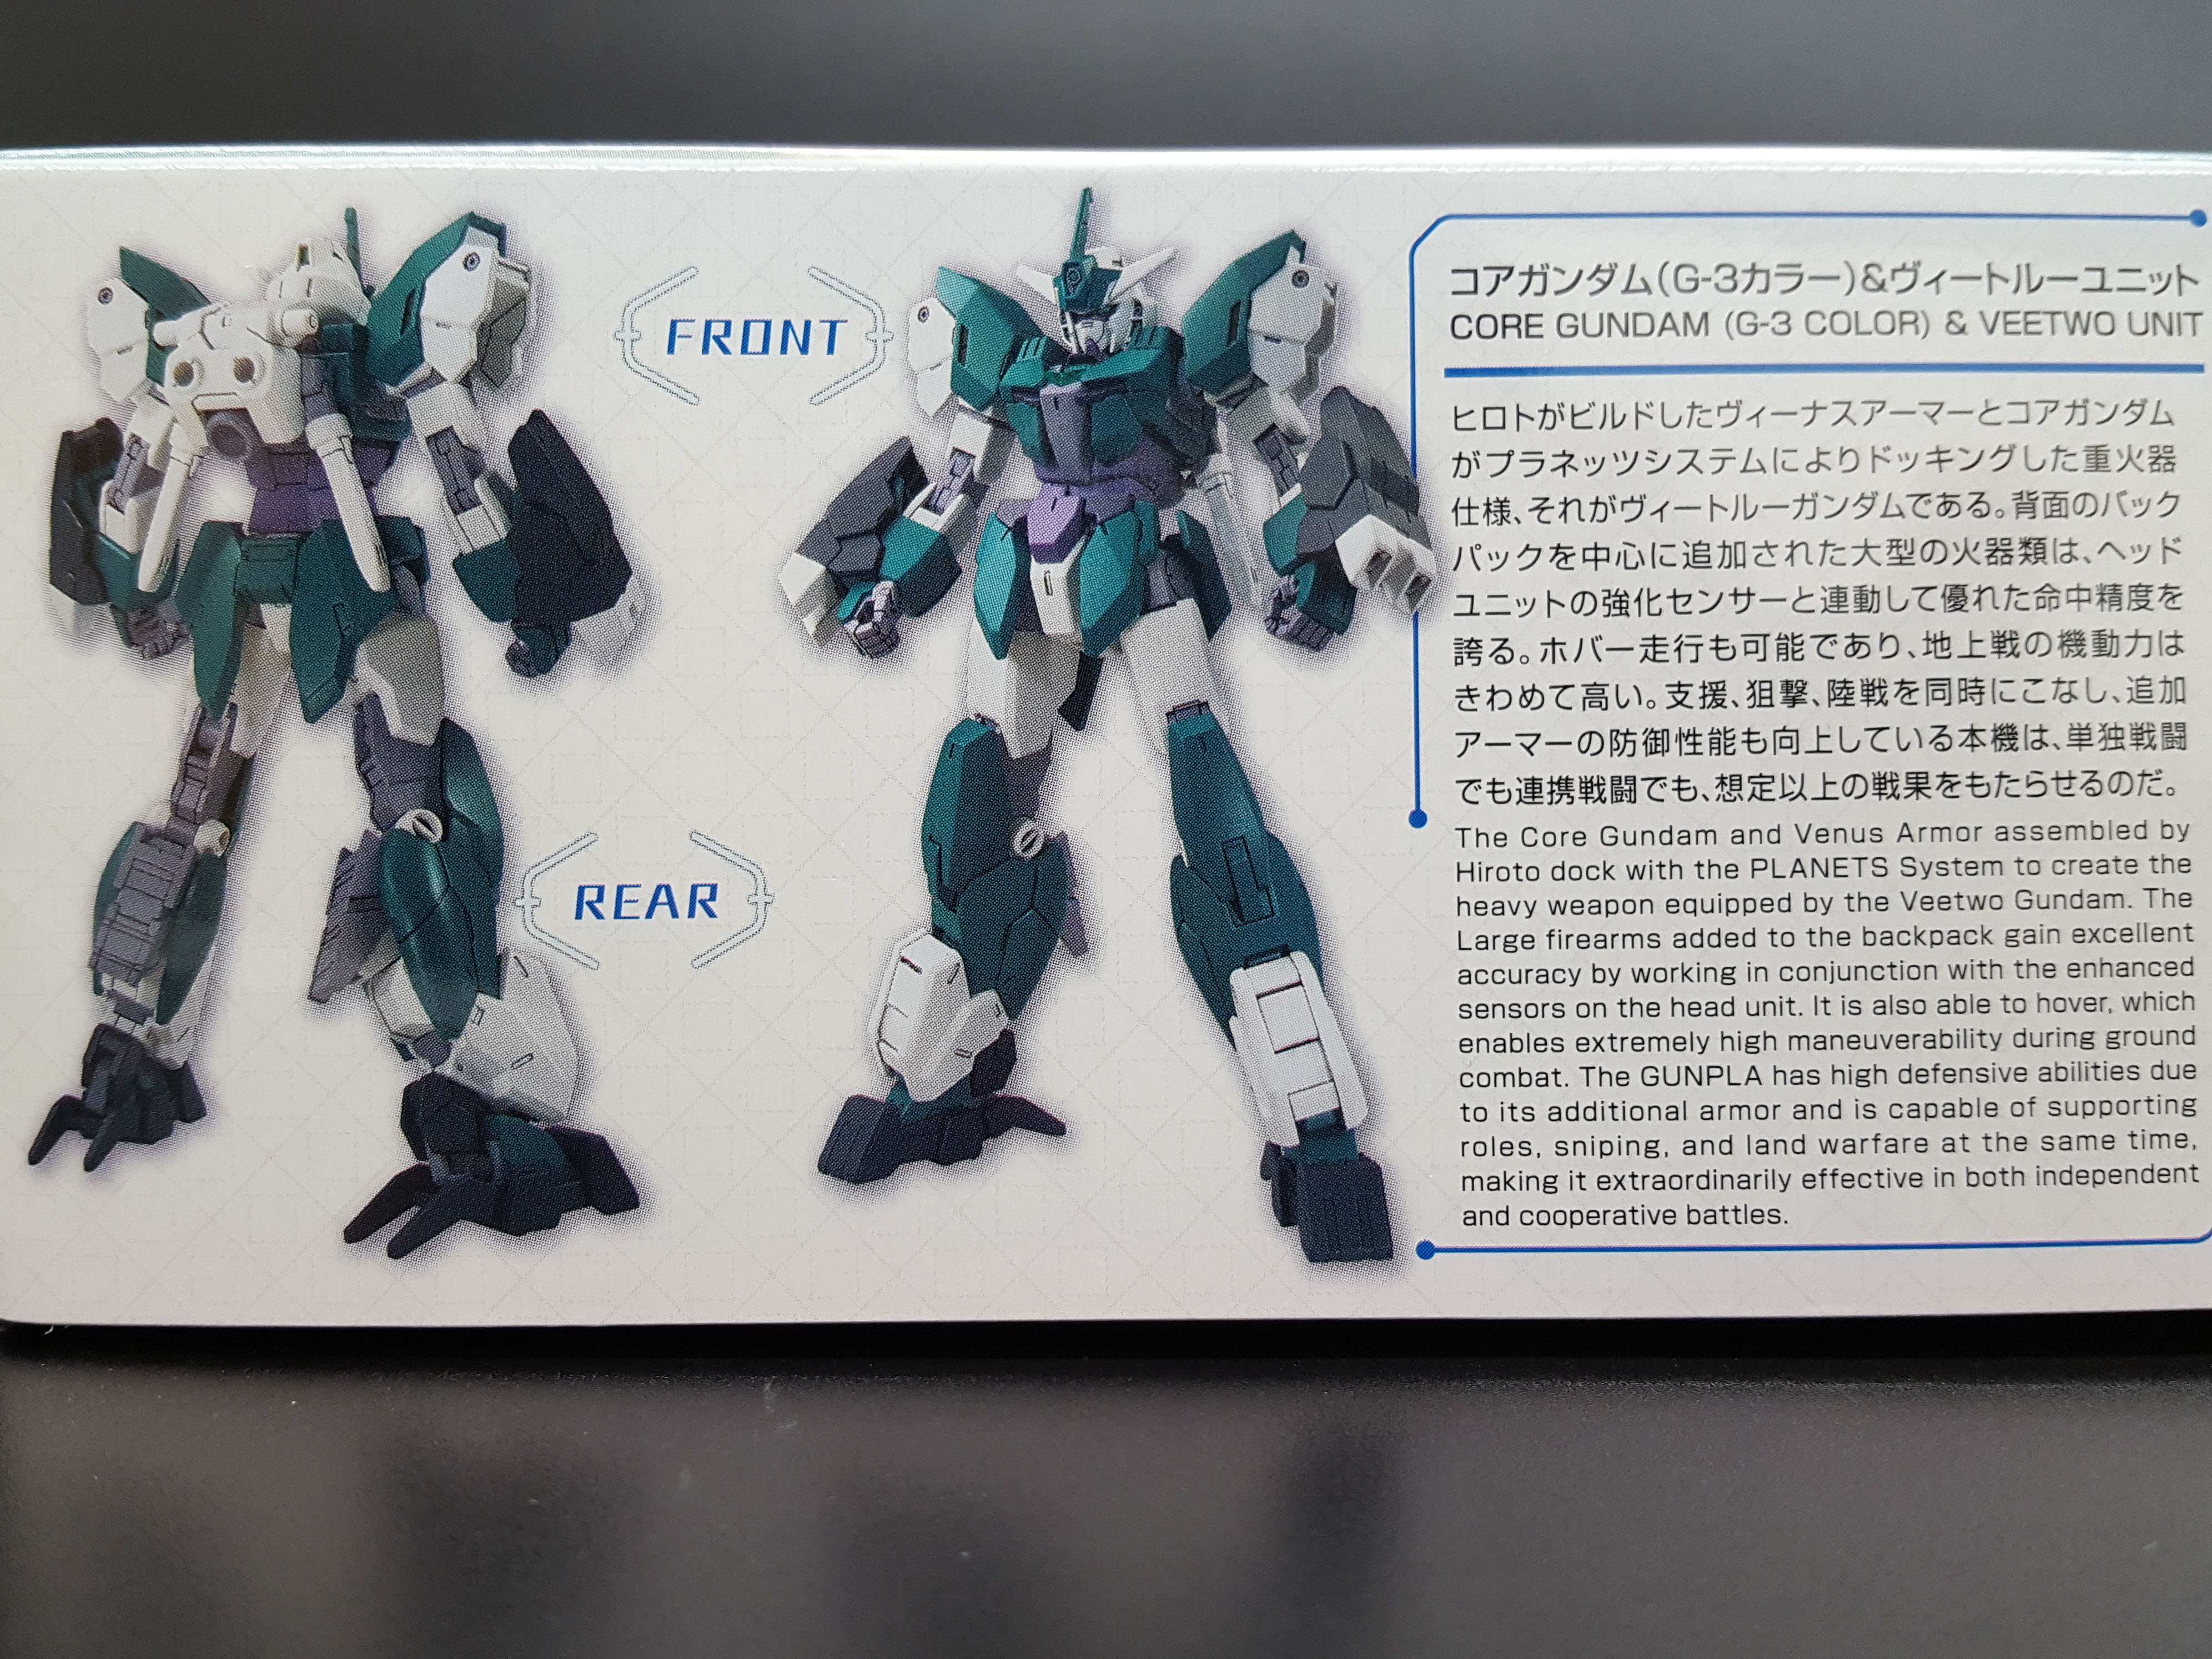 1/144 HDBD:R Core Gundam (G3 Color) & Veetwo Unit